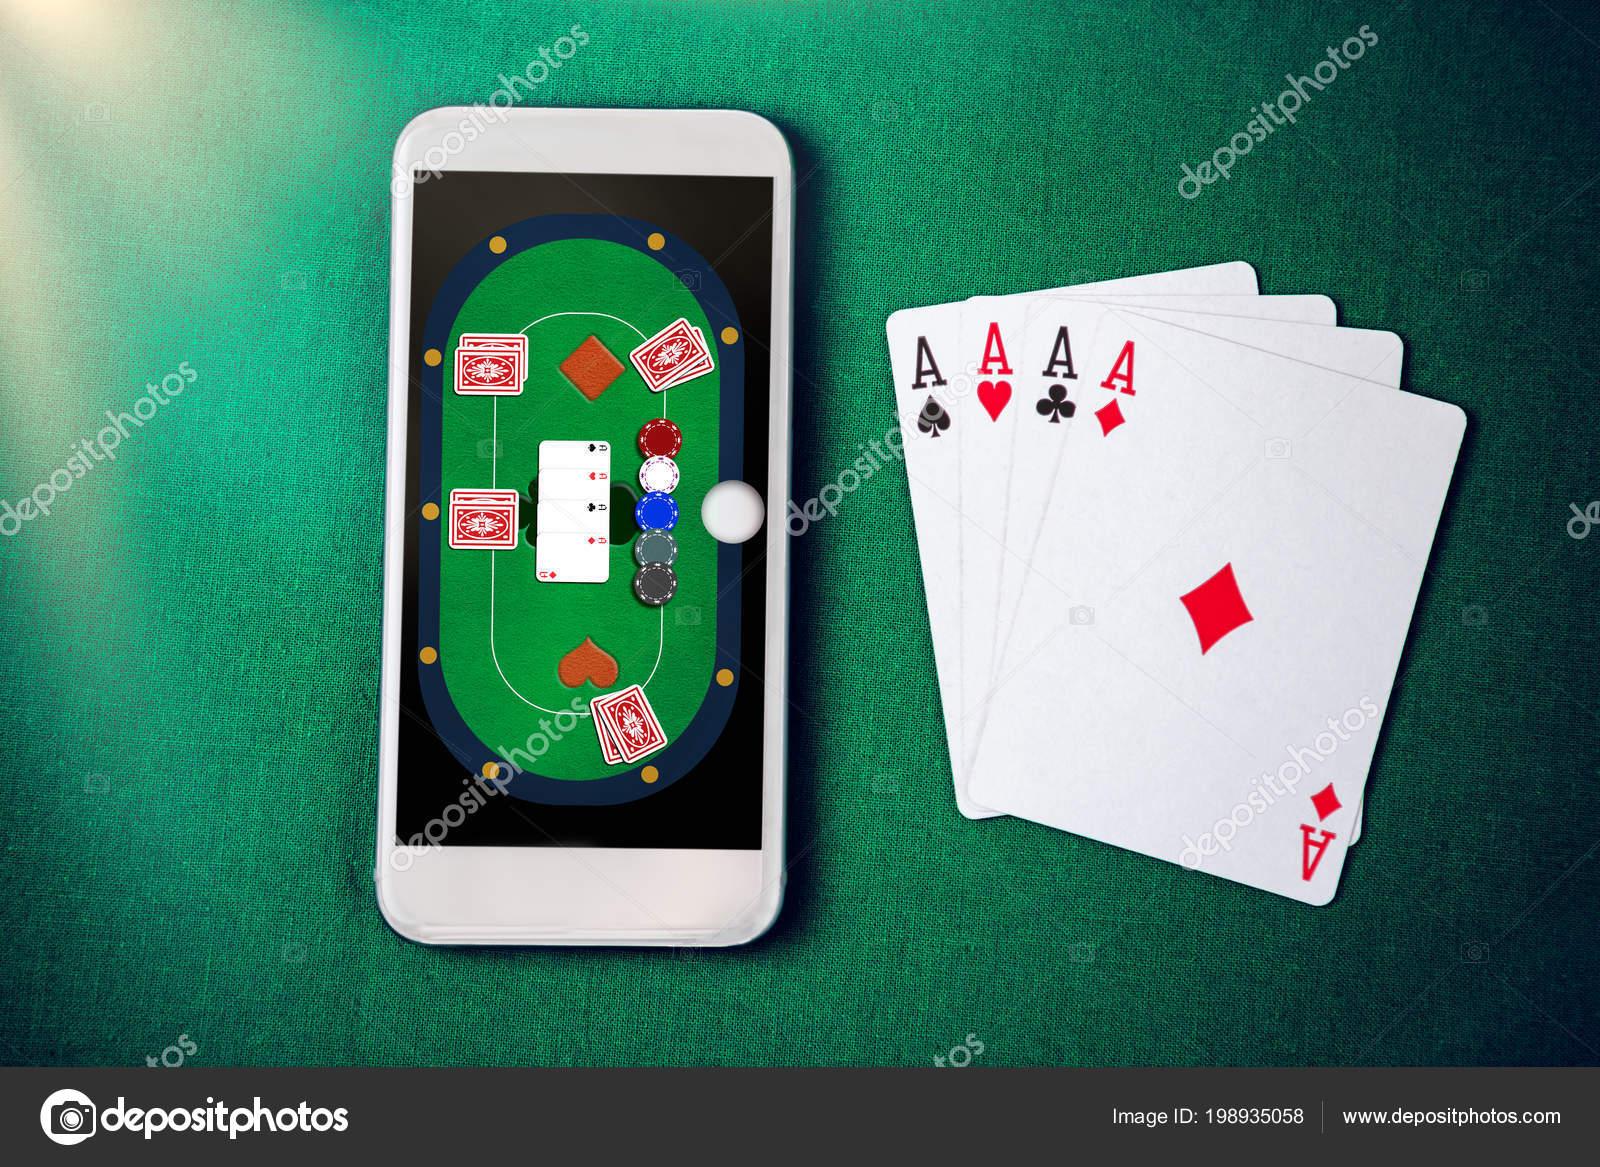 Покер для смартфона онлайн карты нервишки играть